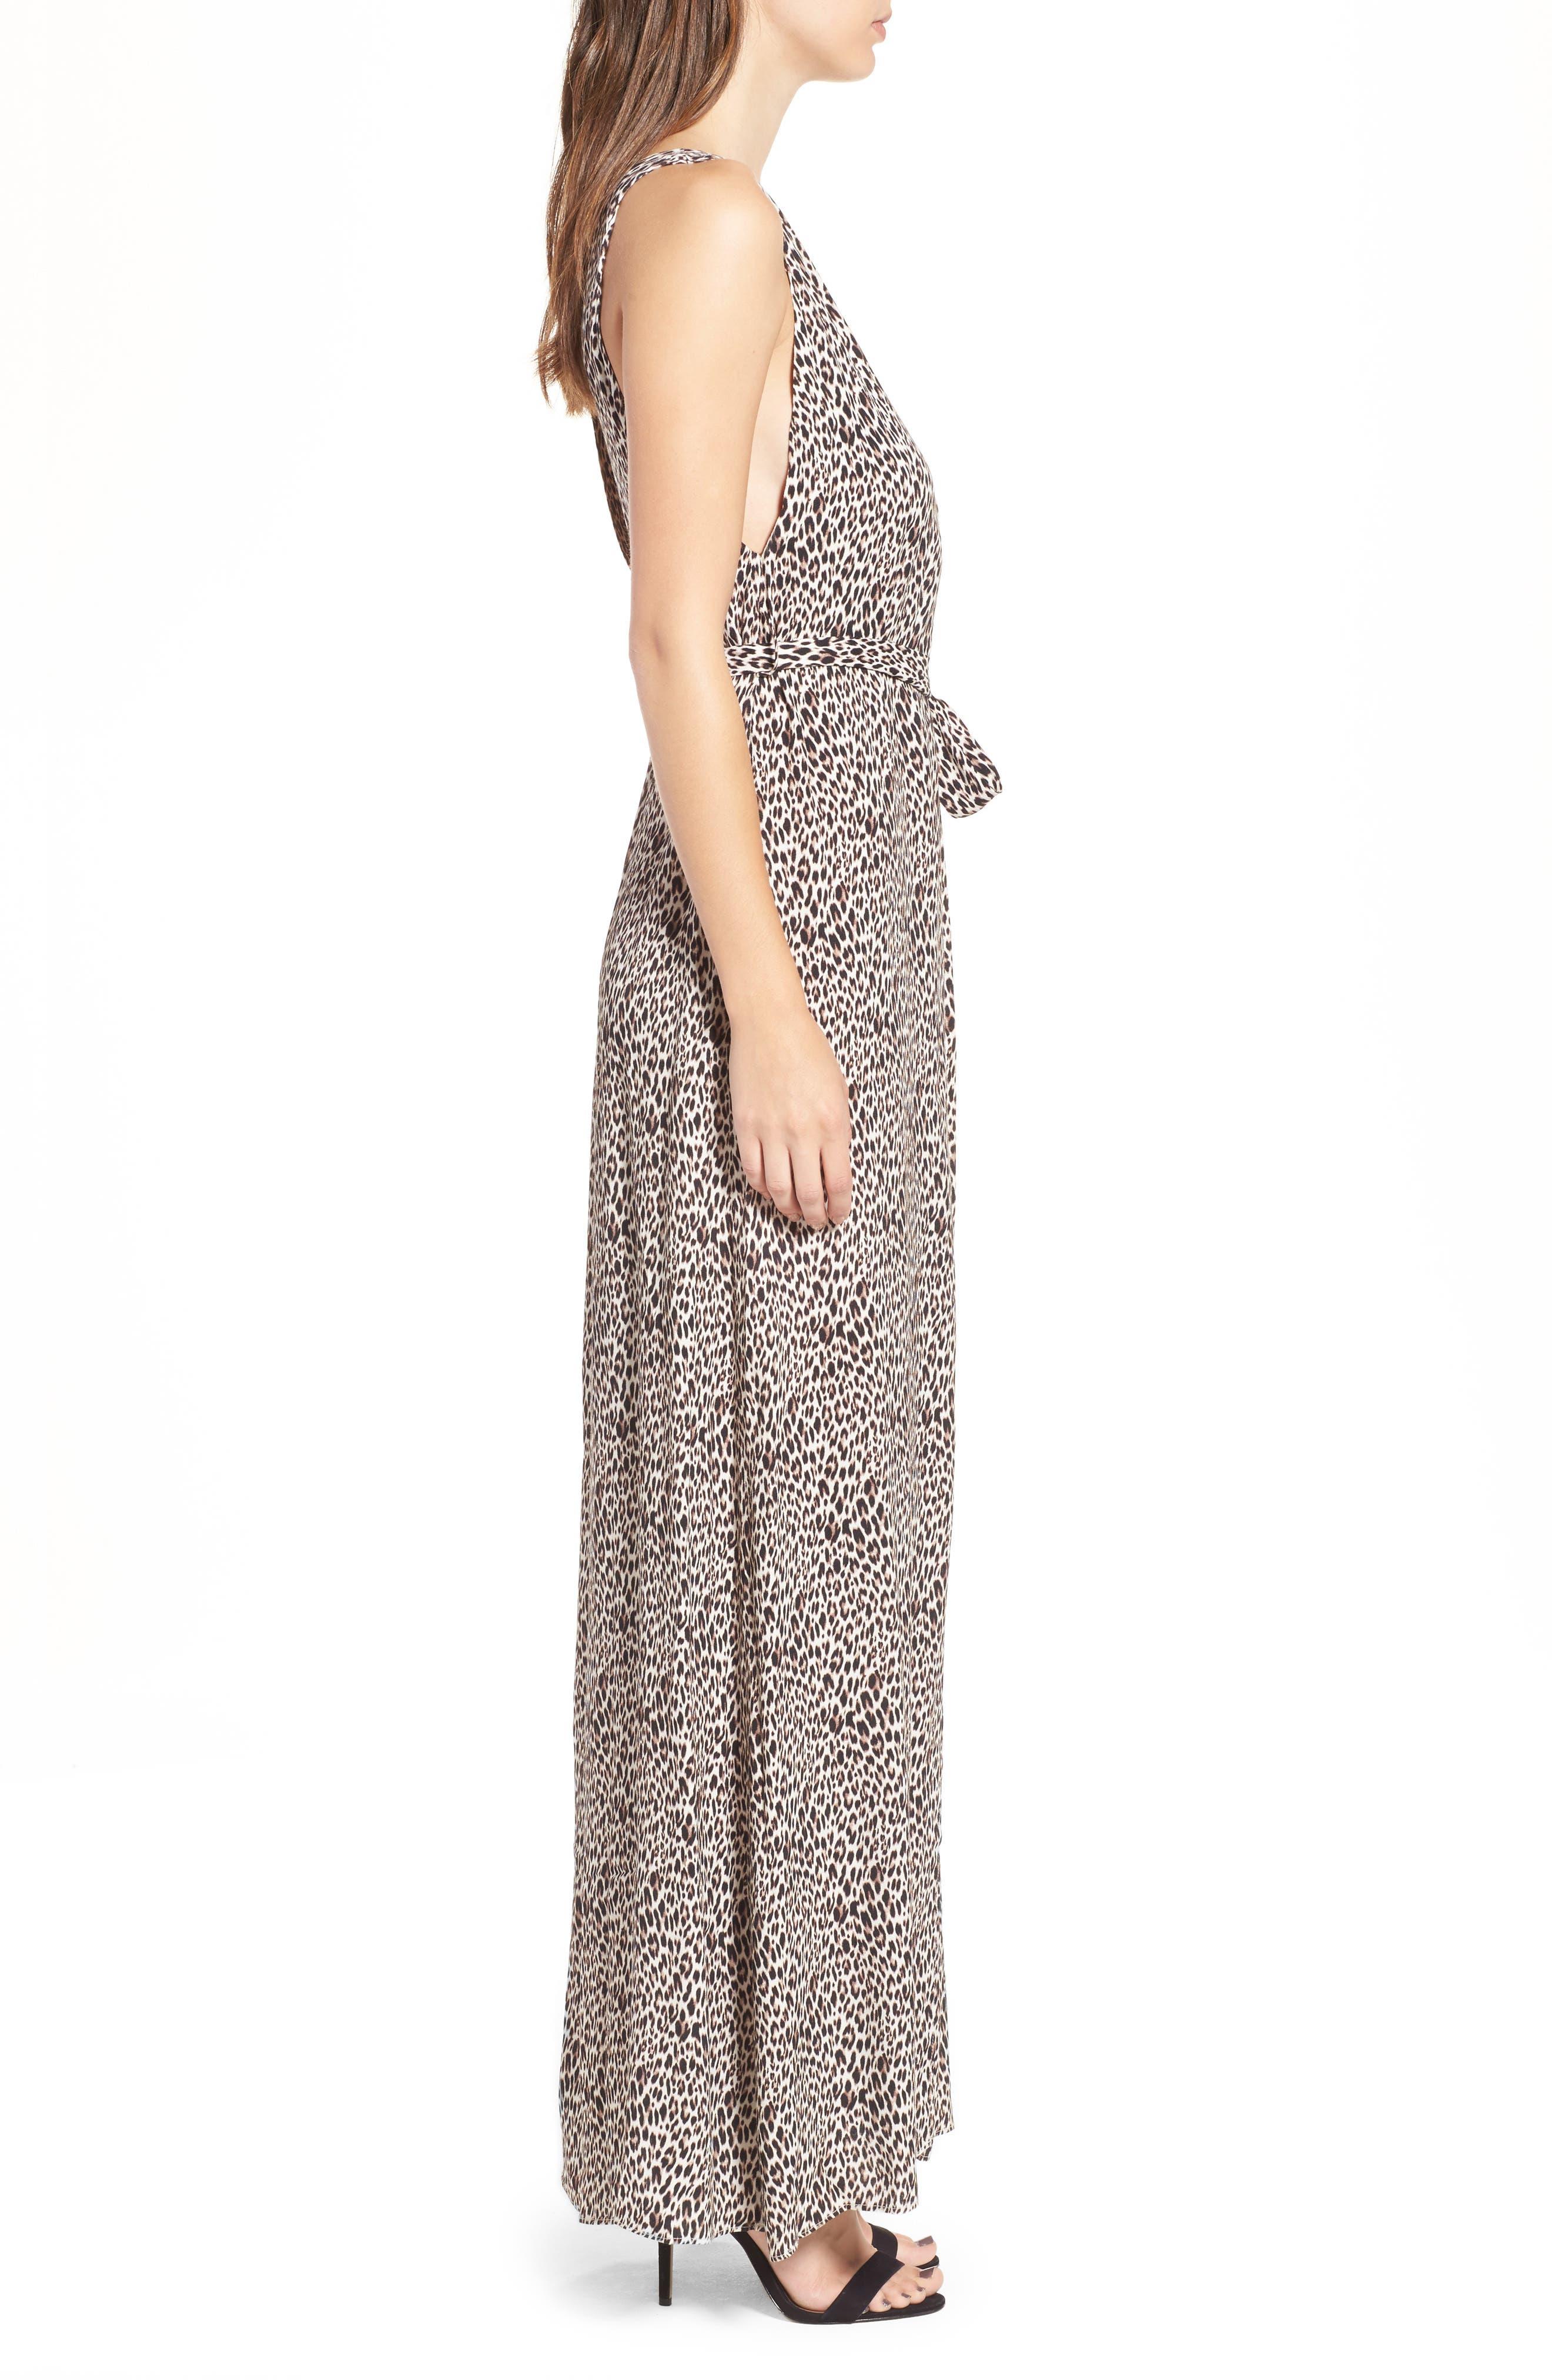 Rowan Maxi Dress,                             Alternate thumbnail 8, color,